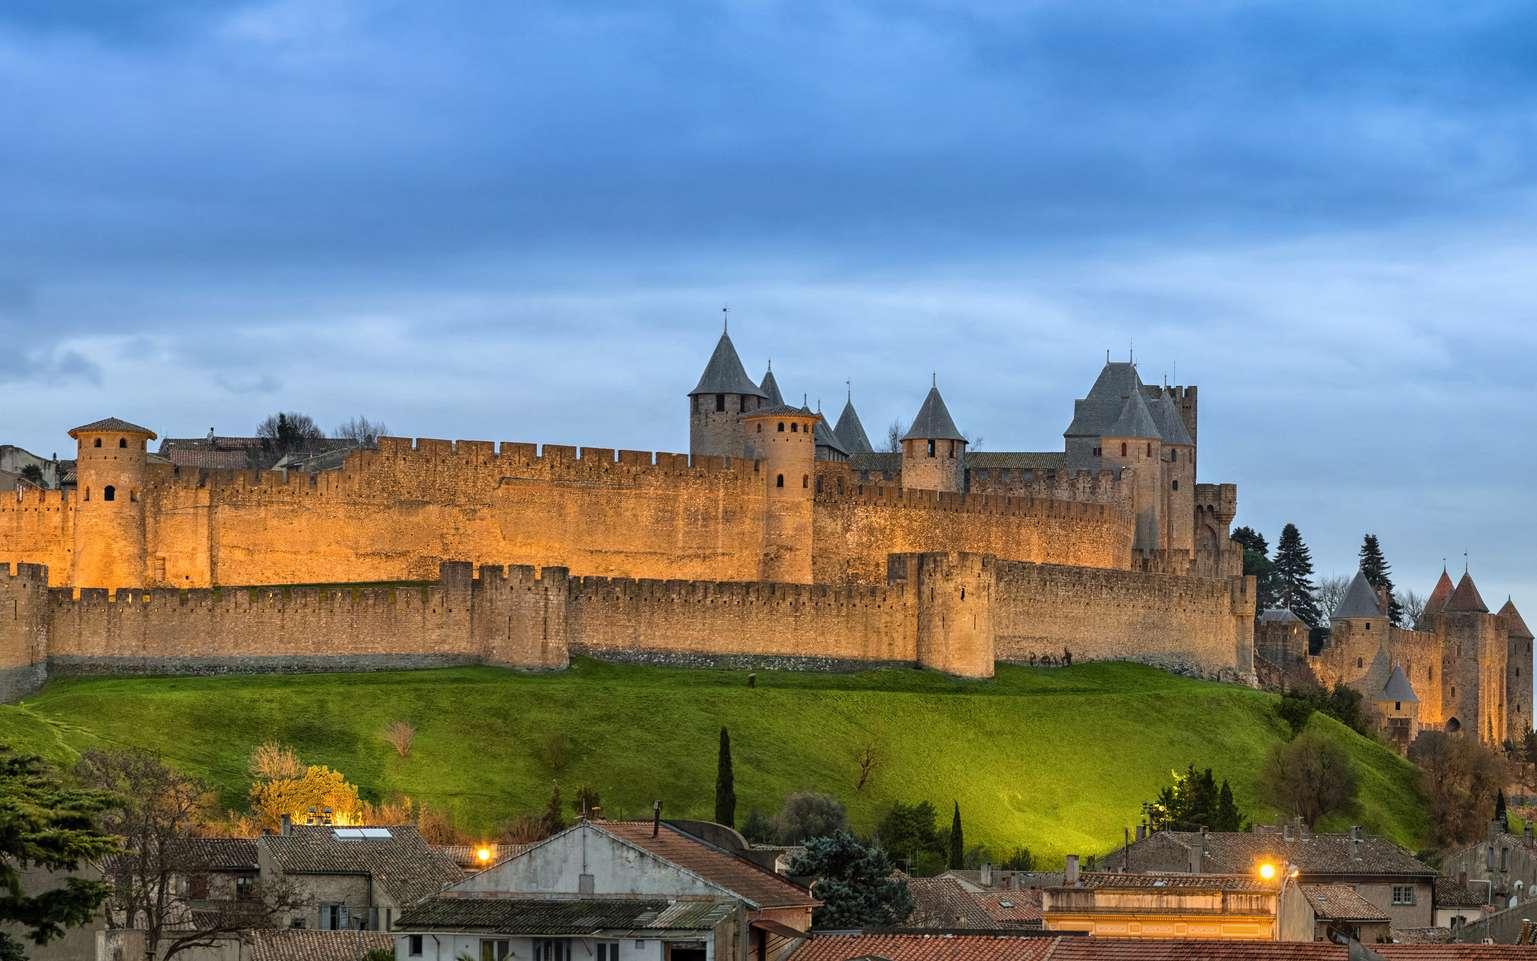 La cité médiévale de Carcassonne est visitée, chaque année, par 5 millions de touristes. © bbsferrari, fotolia